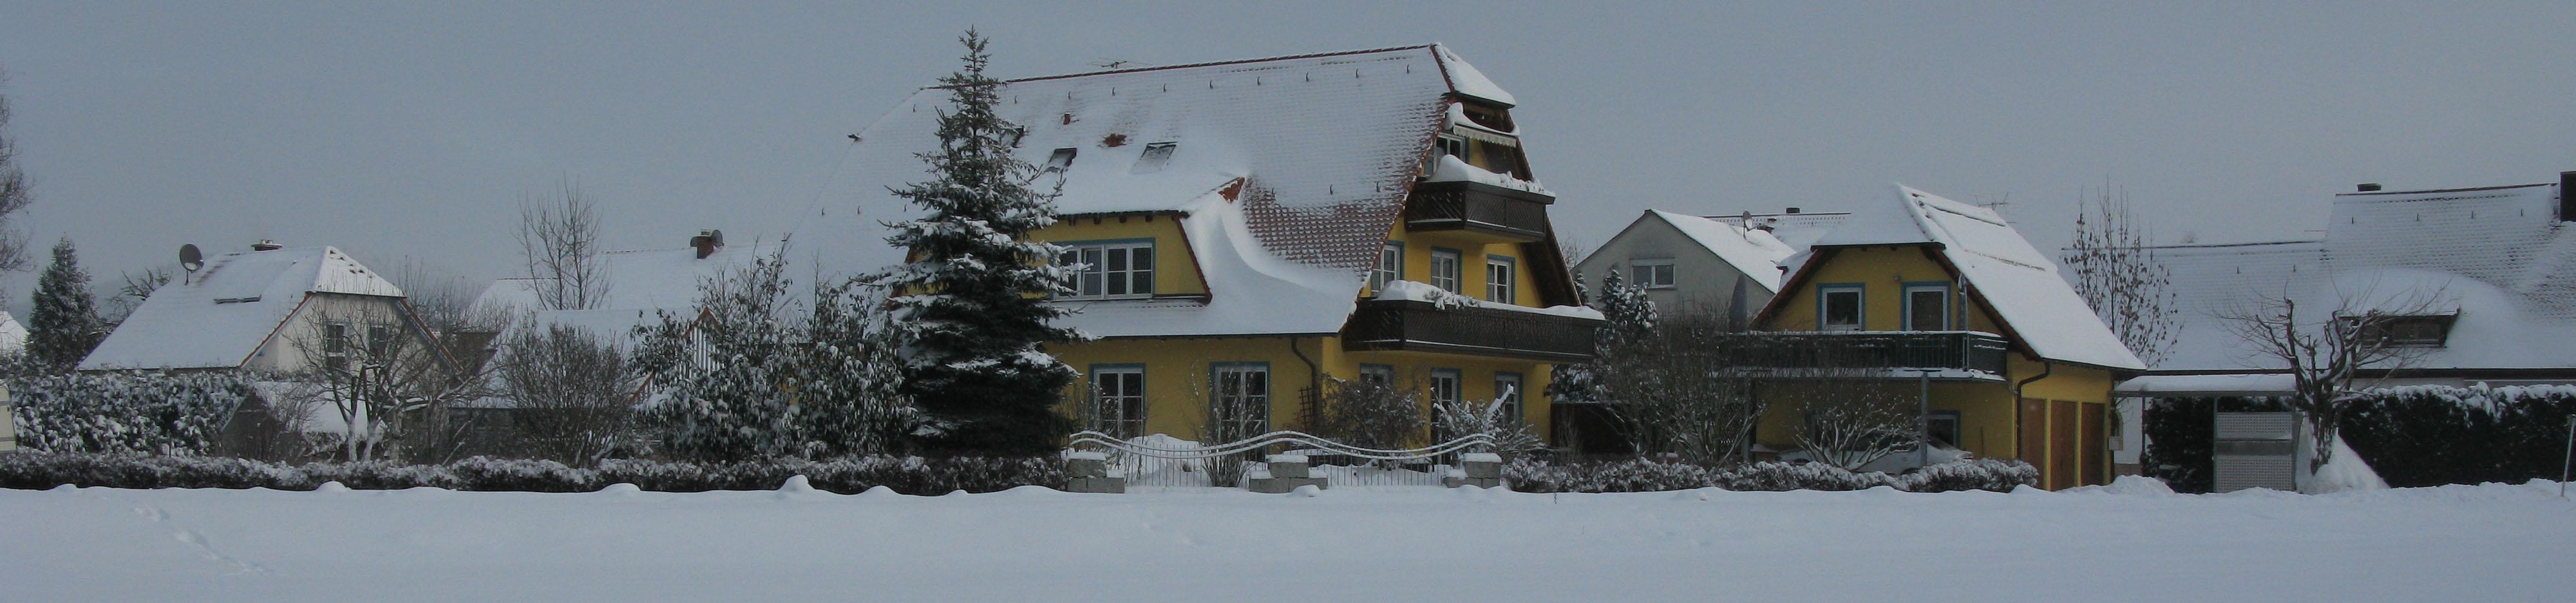 Panorama Anwesen Fliederweg 29 in Eggolsheim im Winter 2010